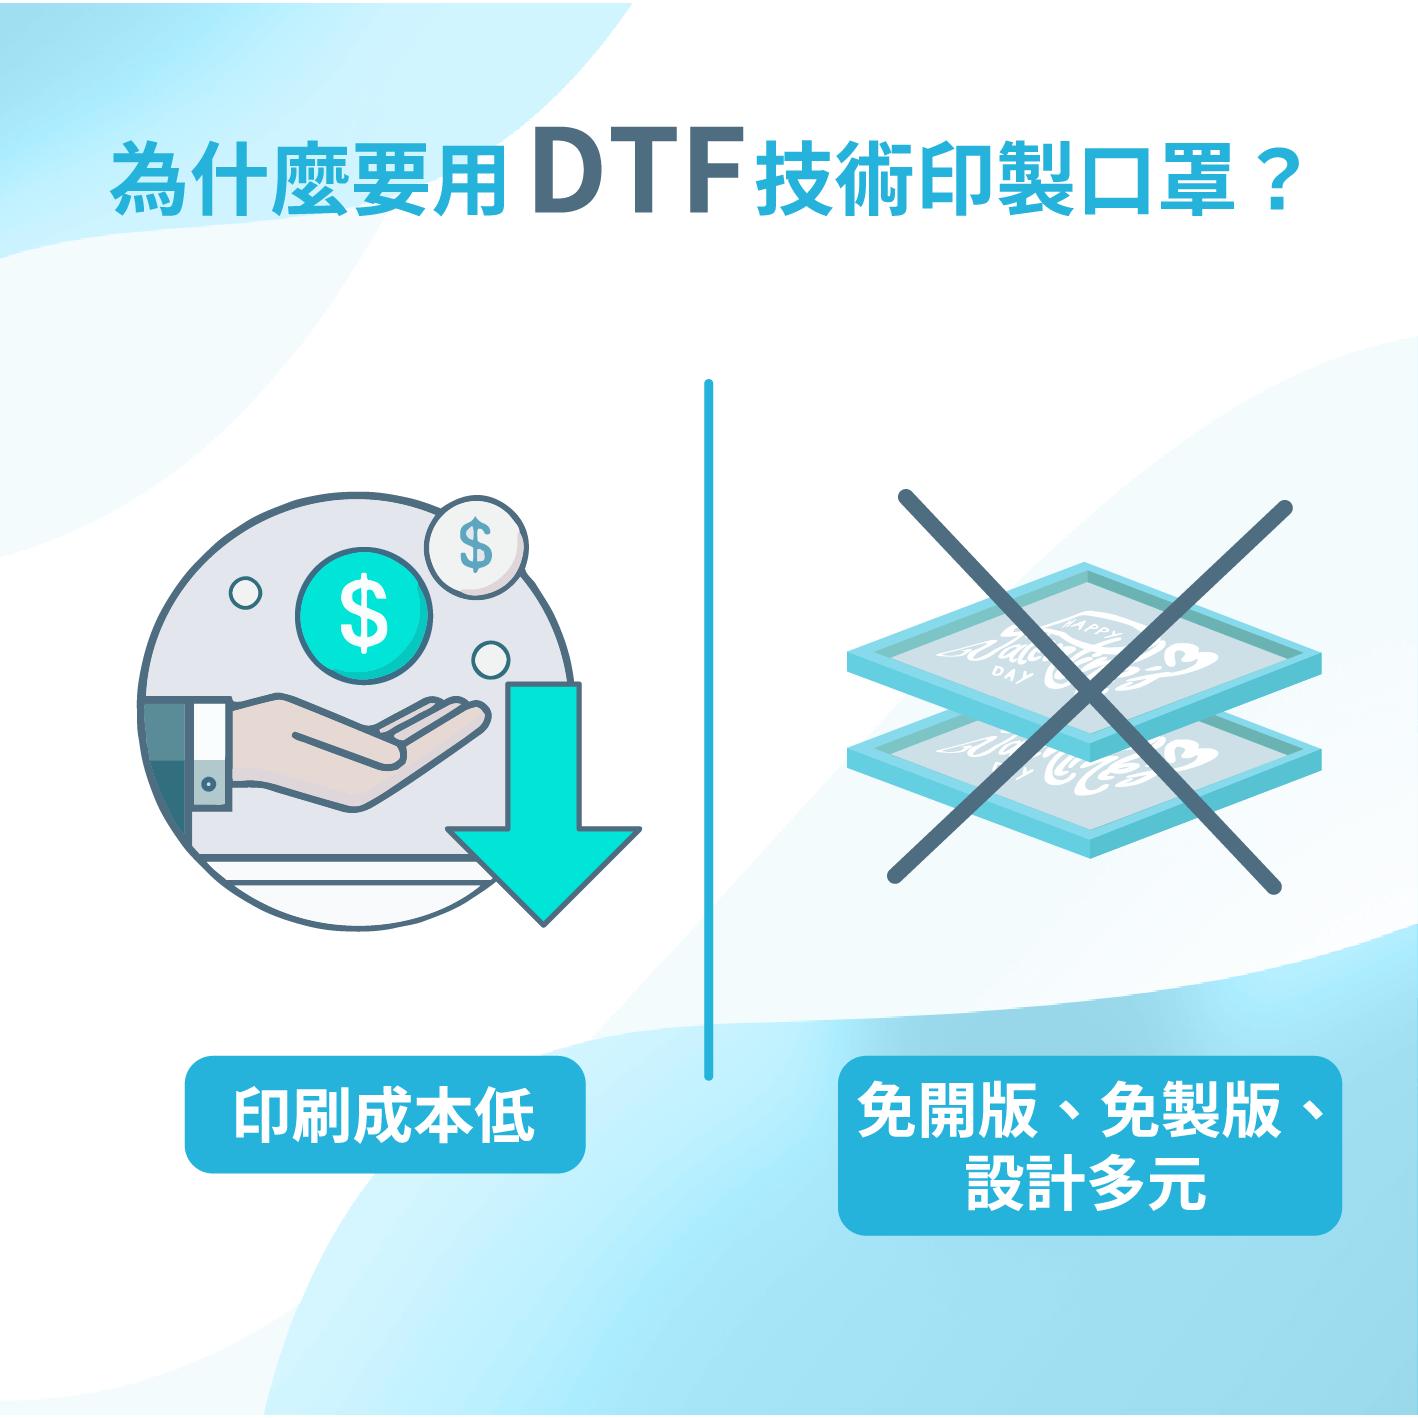 為什麼要用DTF技術印製口罩?